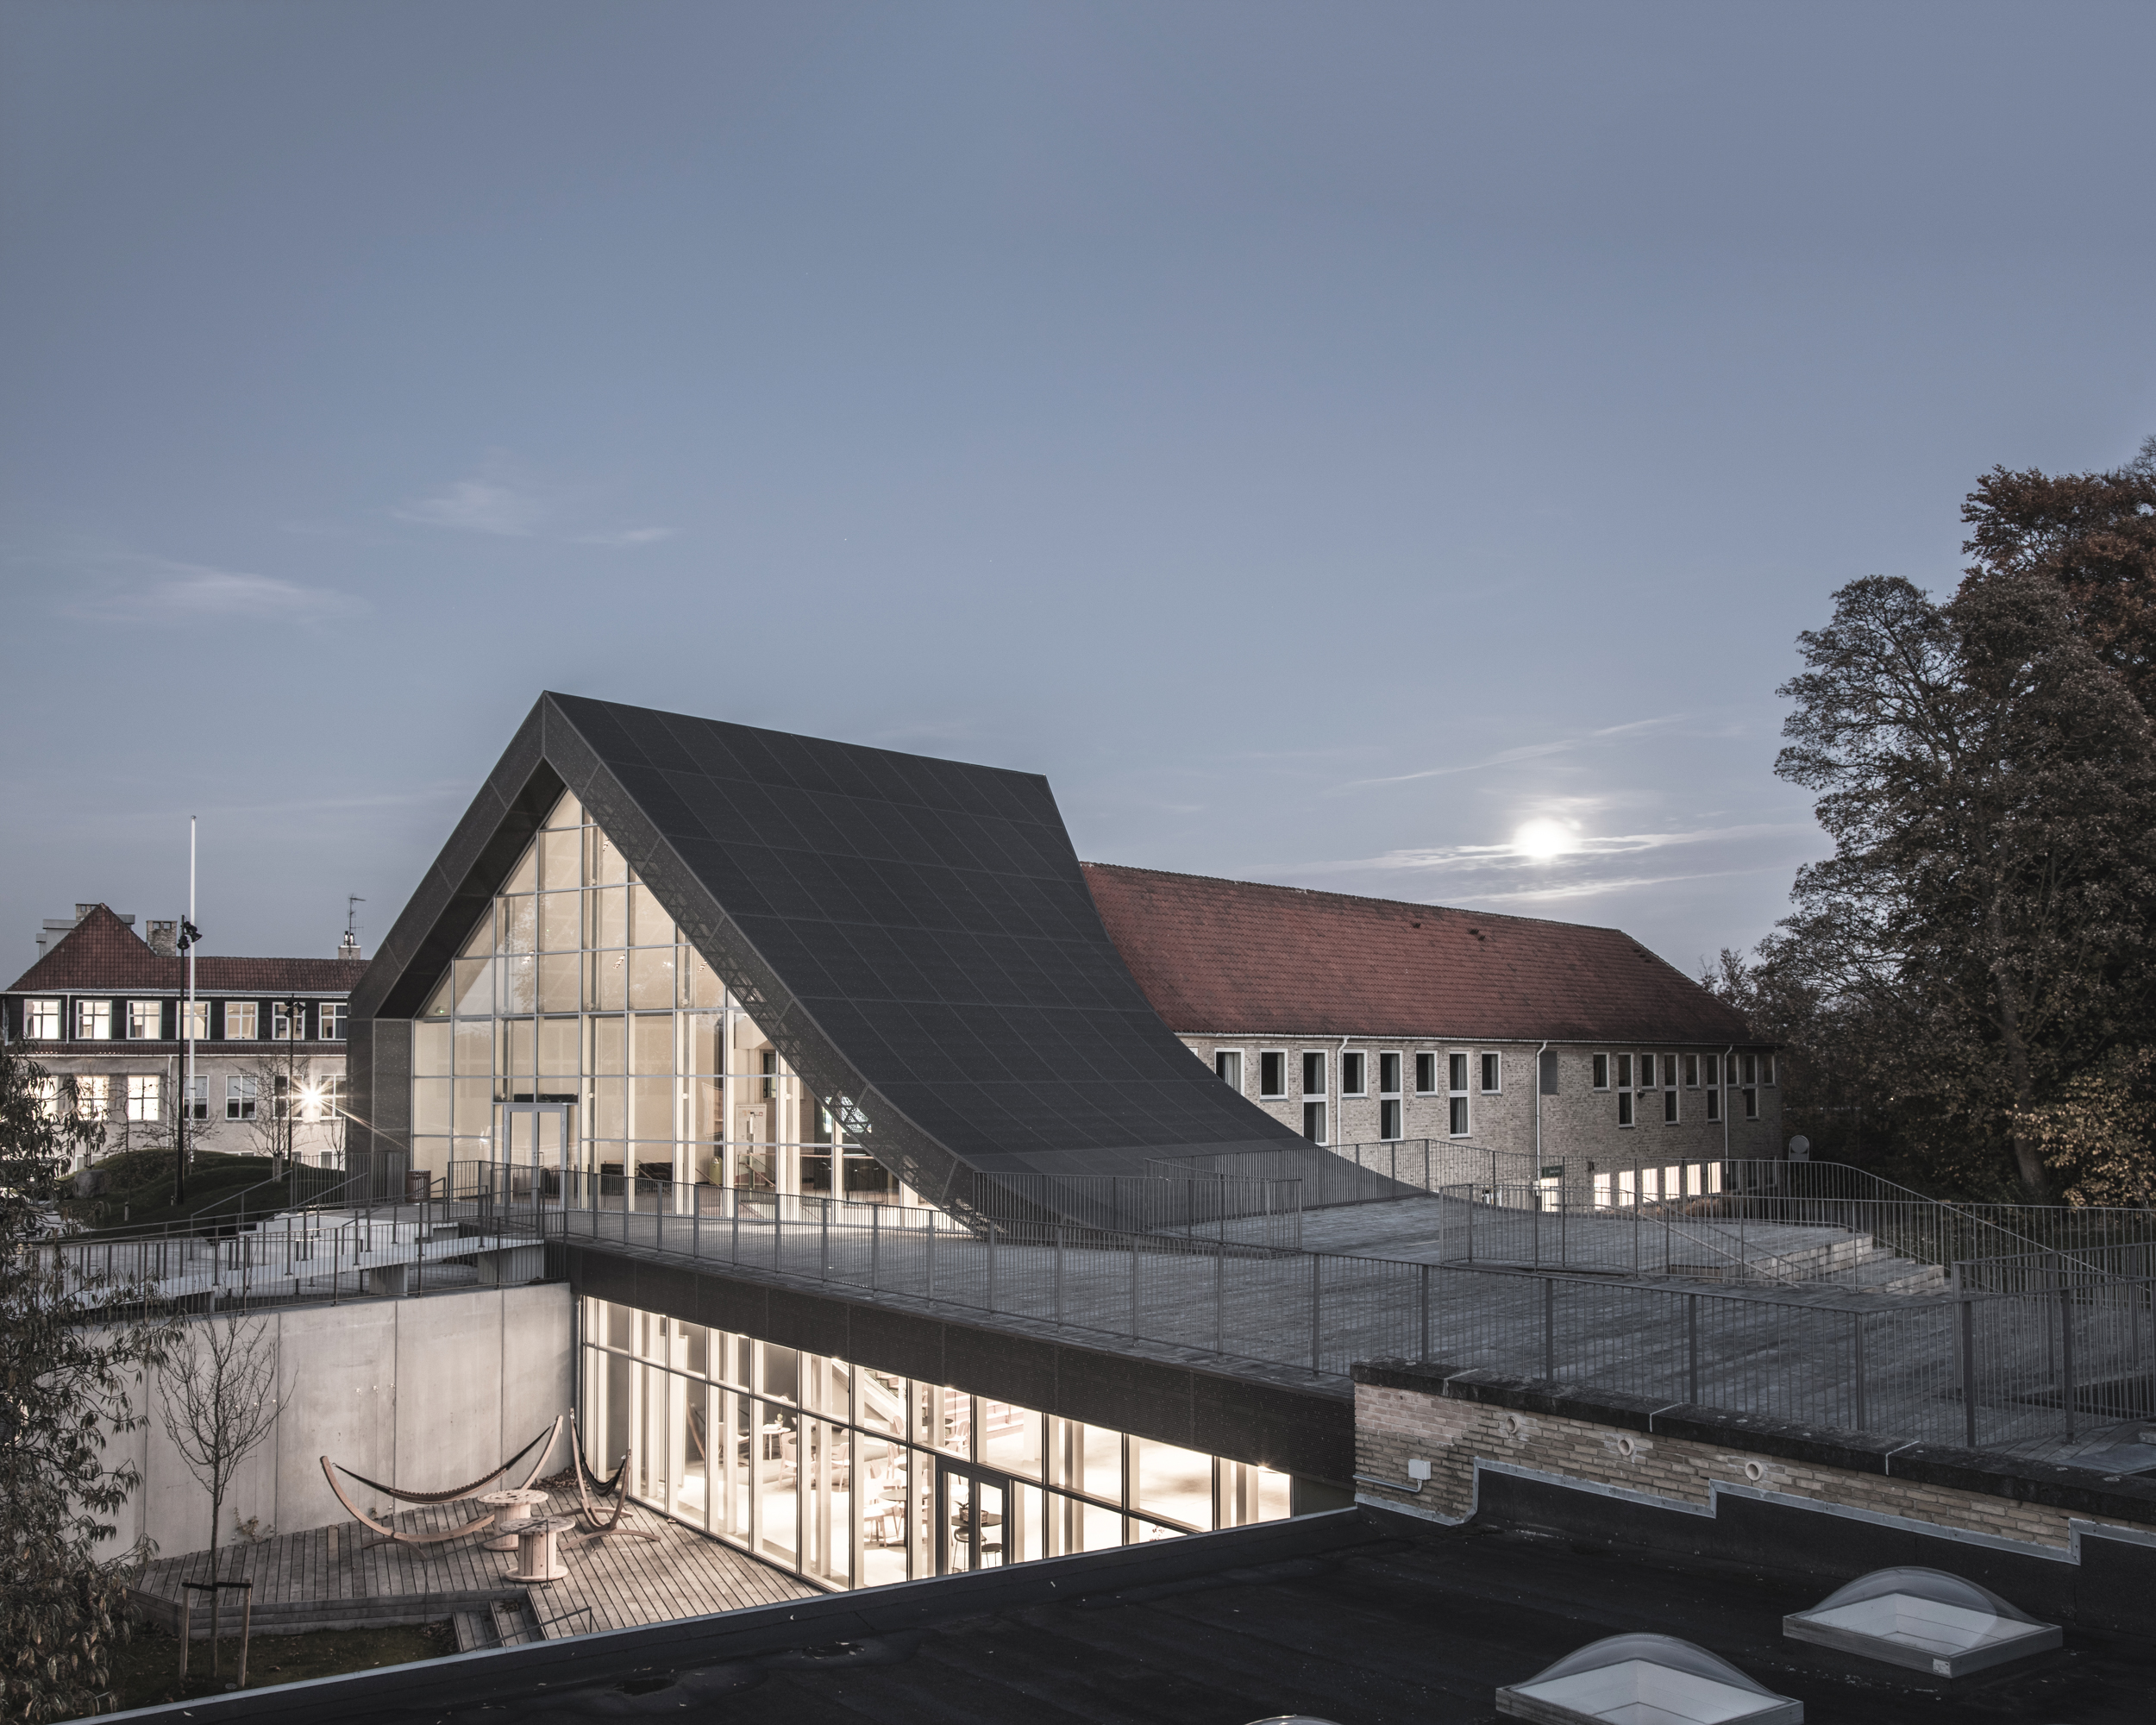 - Mariehøj Cultural Centre